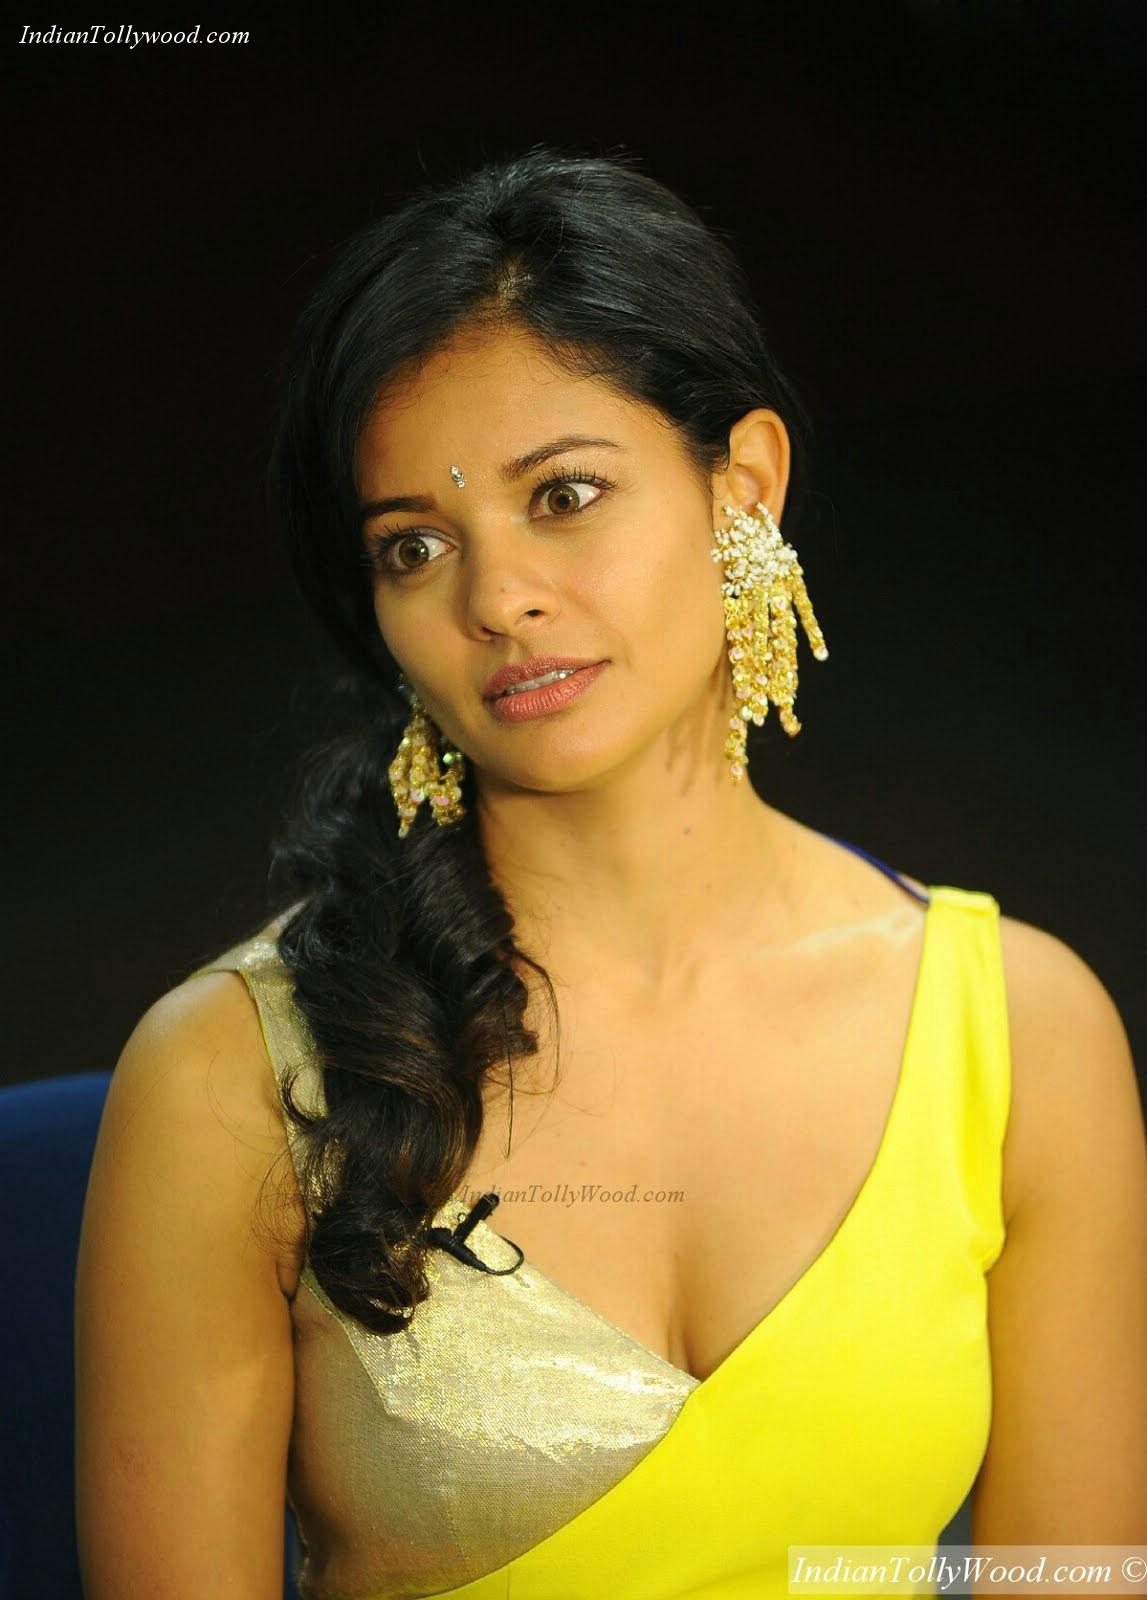 11 Best Pooja Unit Images On Pinterest: Pooja Kumar Hot Photos